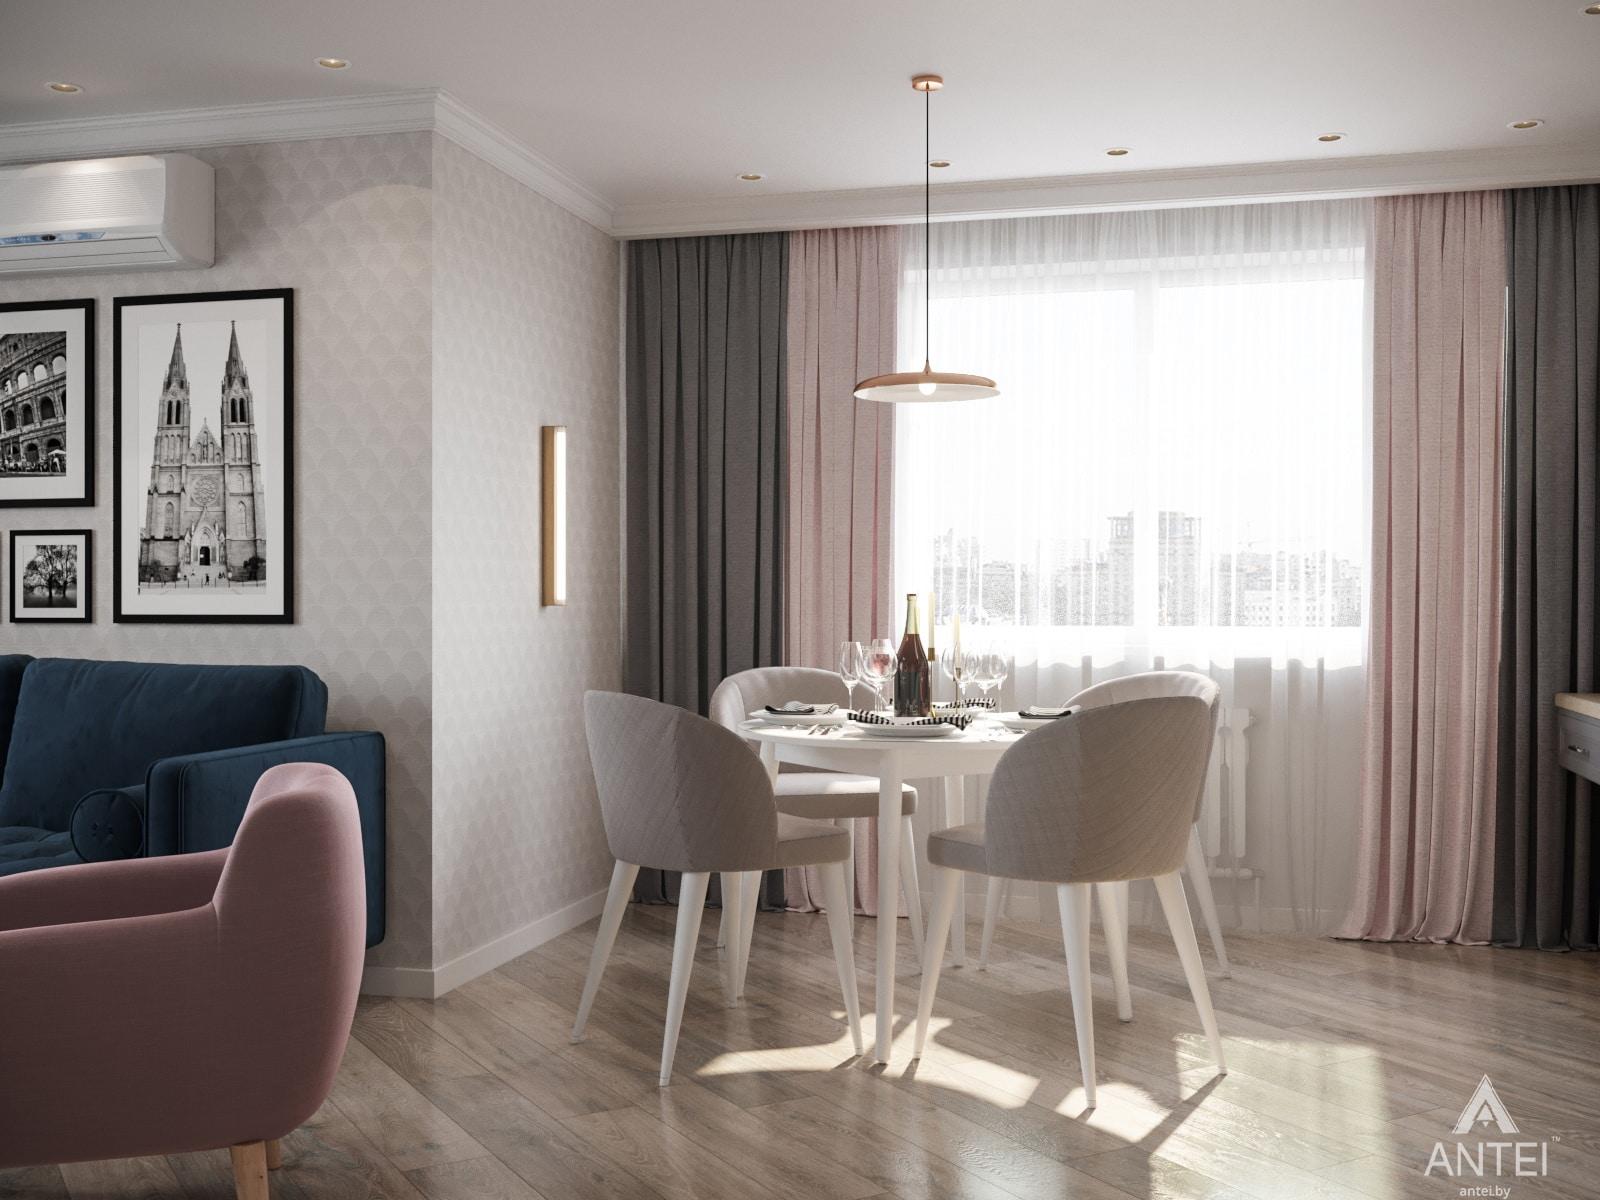 Дизайн интерьера трехкомнатной квартиры в Гомеле, ул. Бородина Т.С. - гостиная фото №3